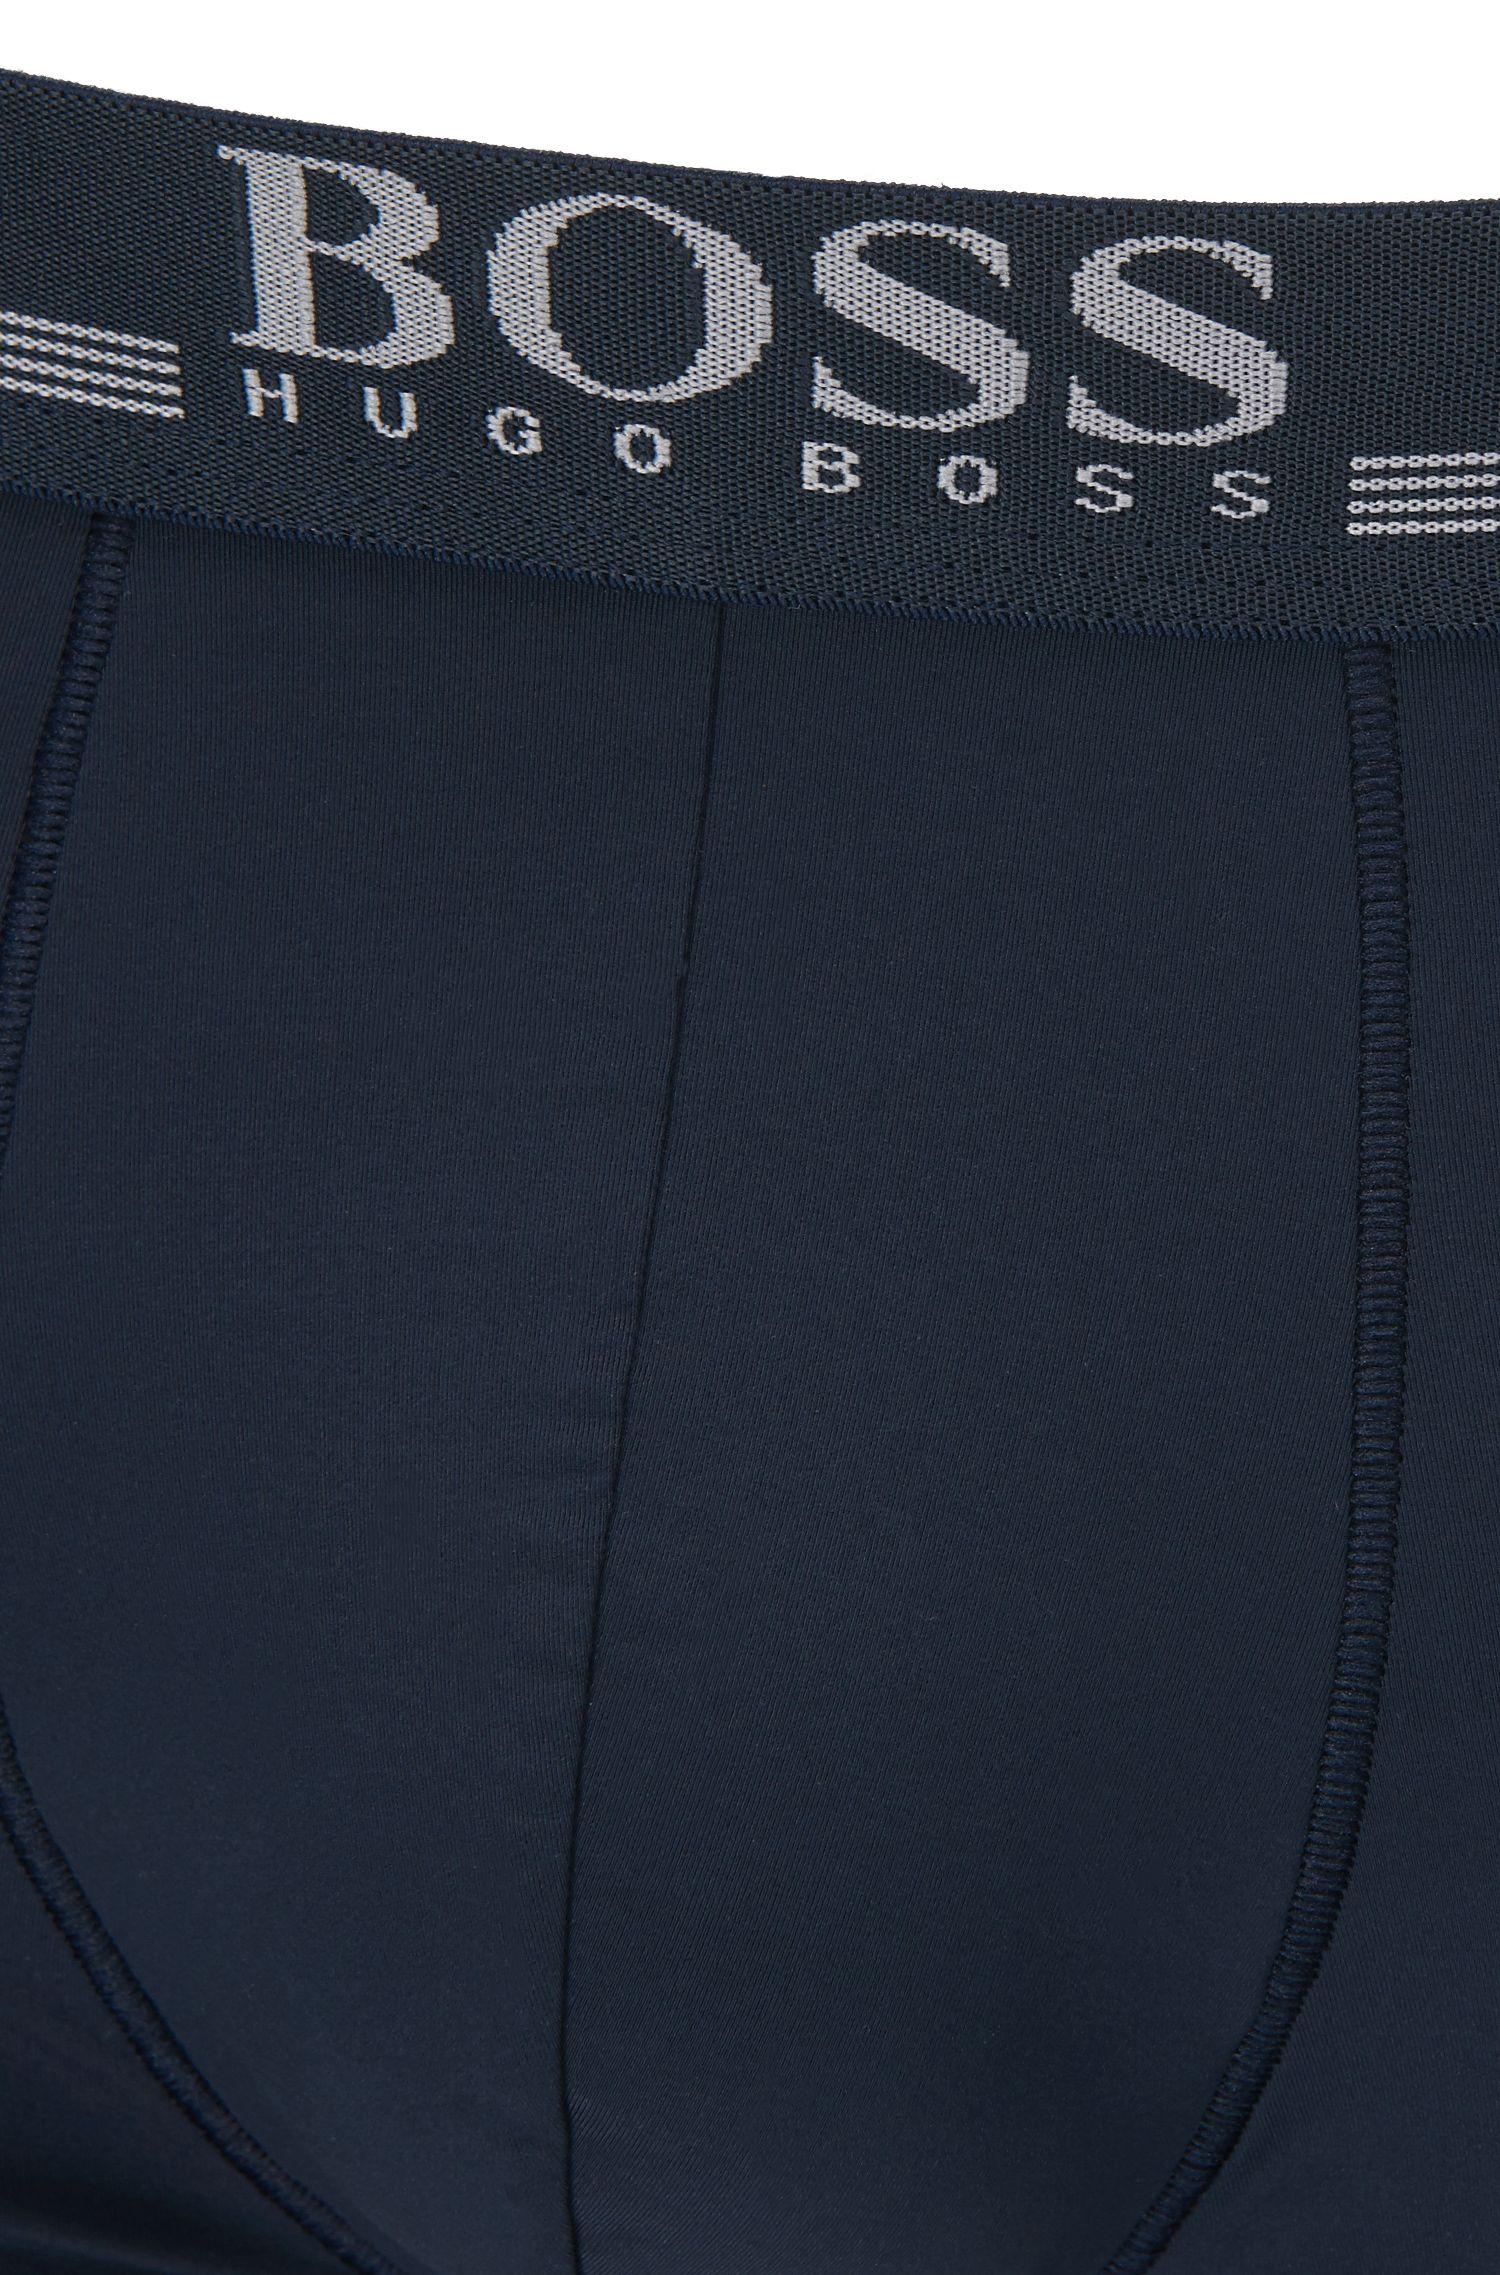 Boxer in microfibra elasticizzata in quattro direzioni, Blu scuro